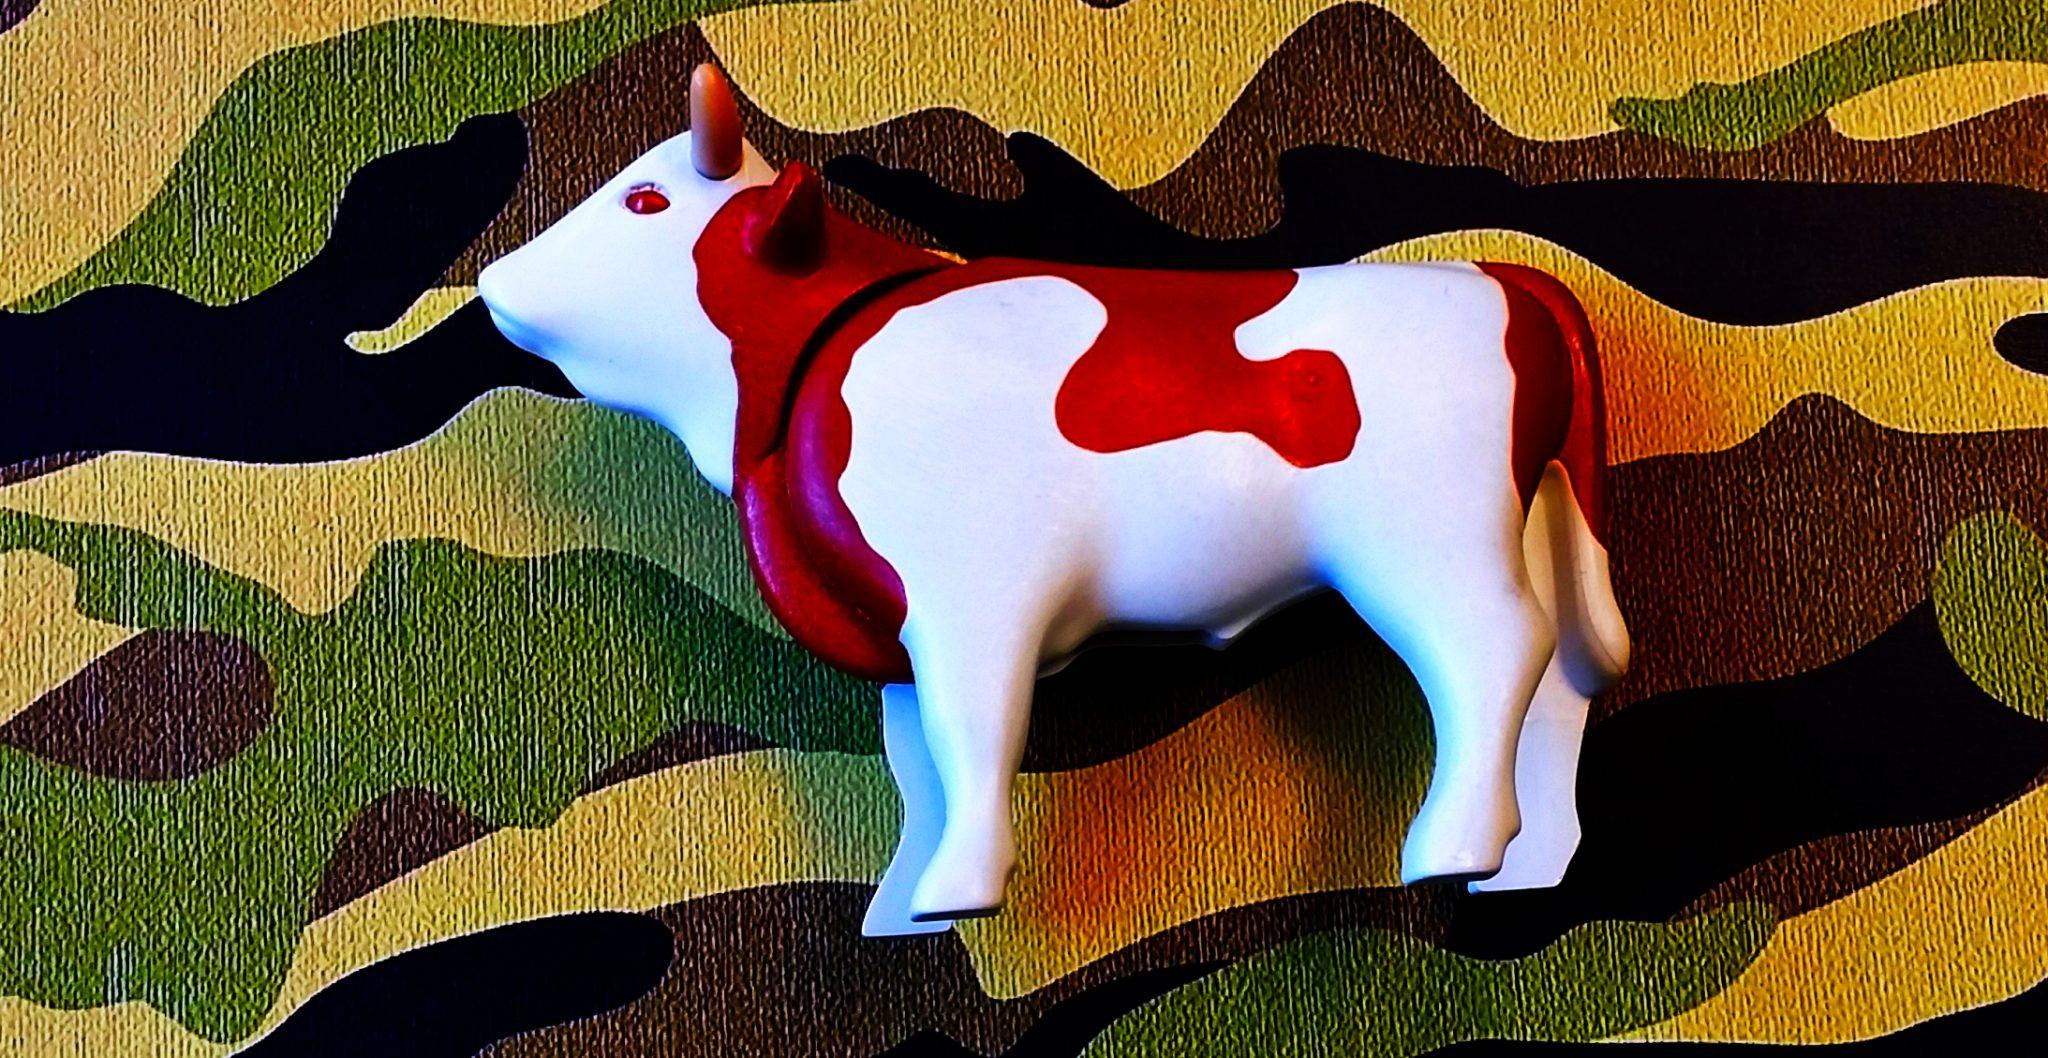 Plastikkuh vor einem Camouflage-Hintergrund.